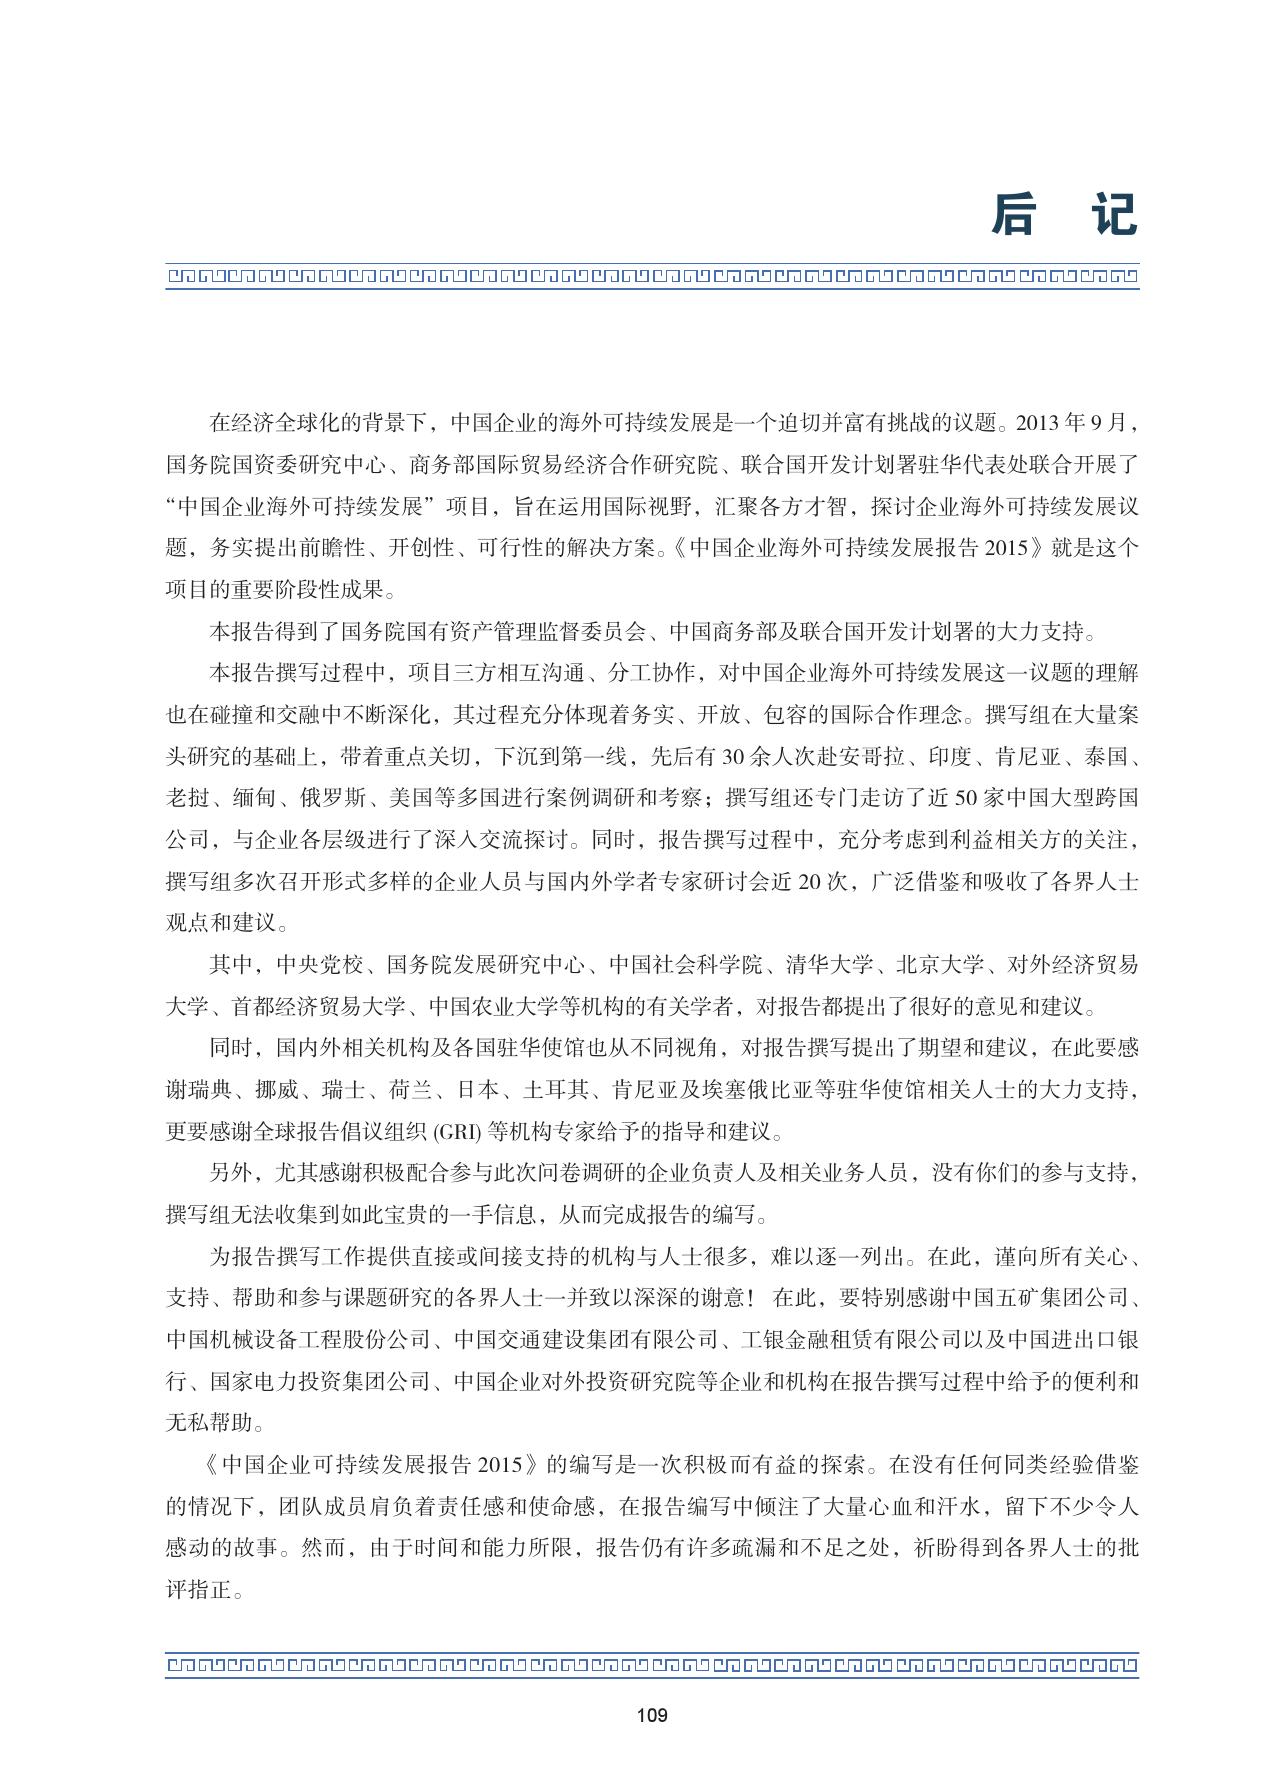 2015中国企业海外可持续发展报告_000123